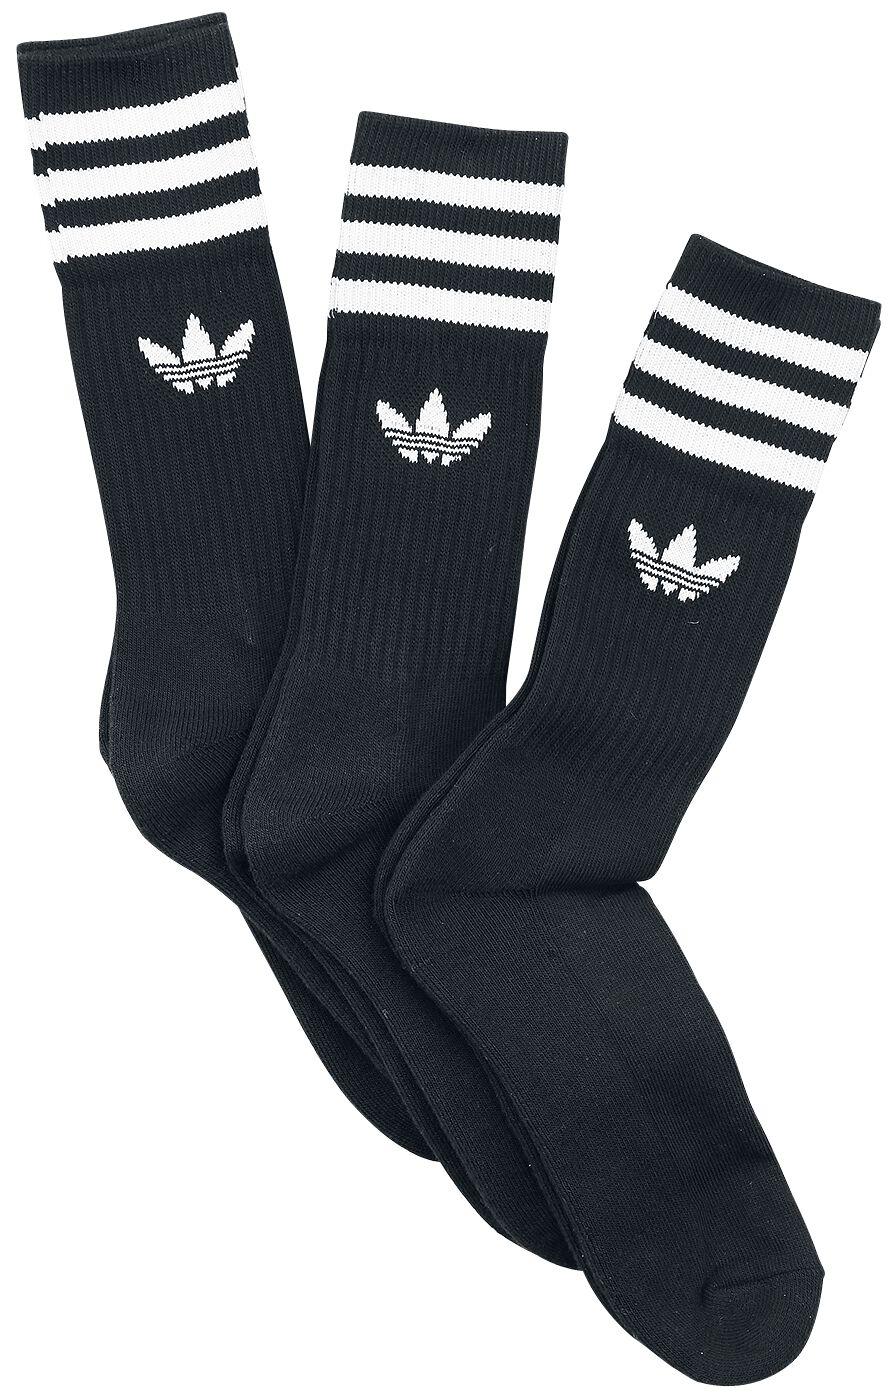 Socken für Frauen - Adidas Solid Crew Sock 3 Pack Socken schwarz weiß  - Onlineshop EMP